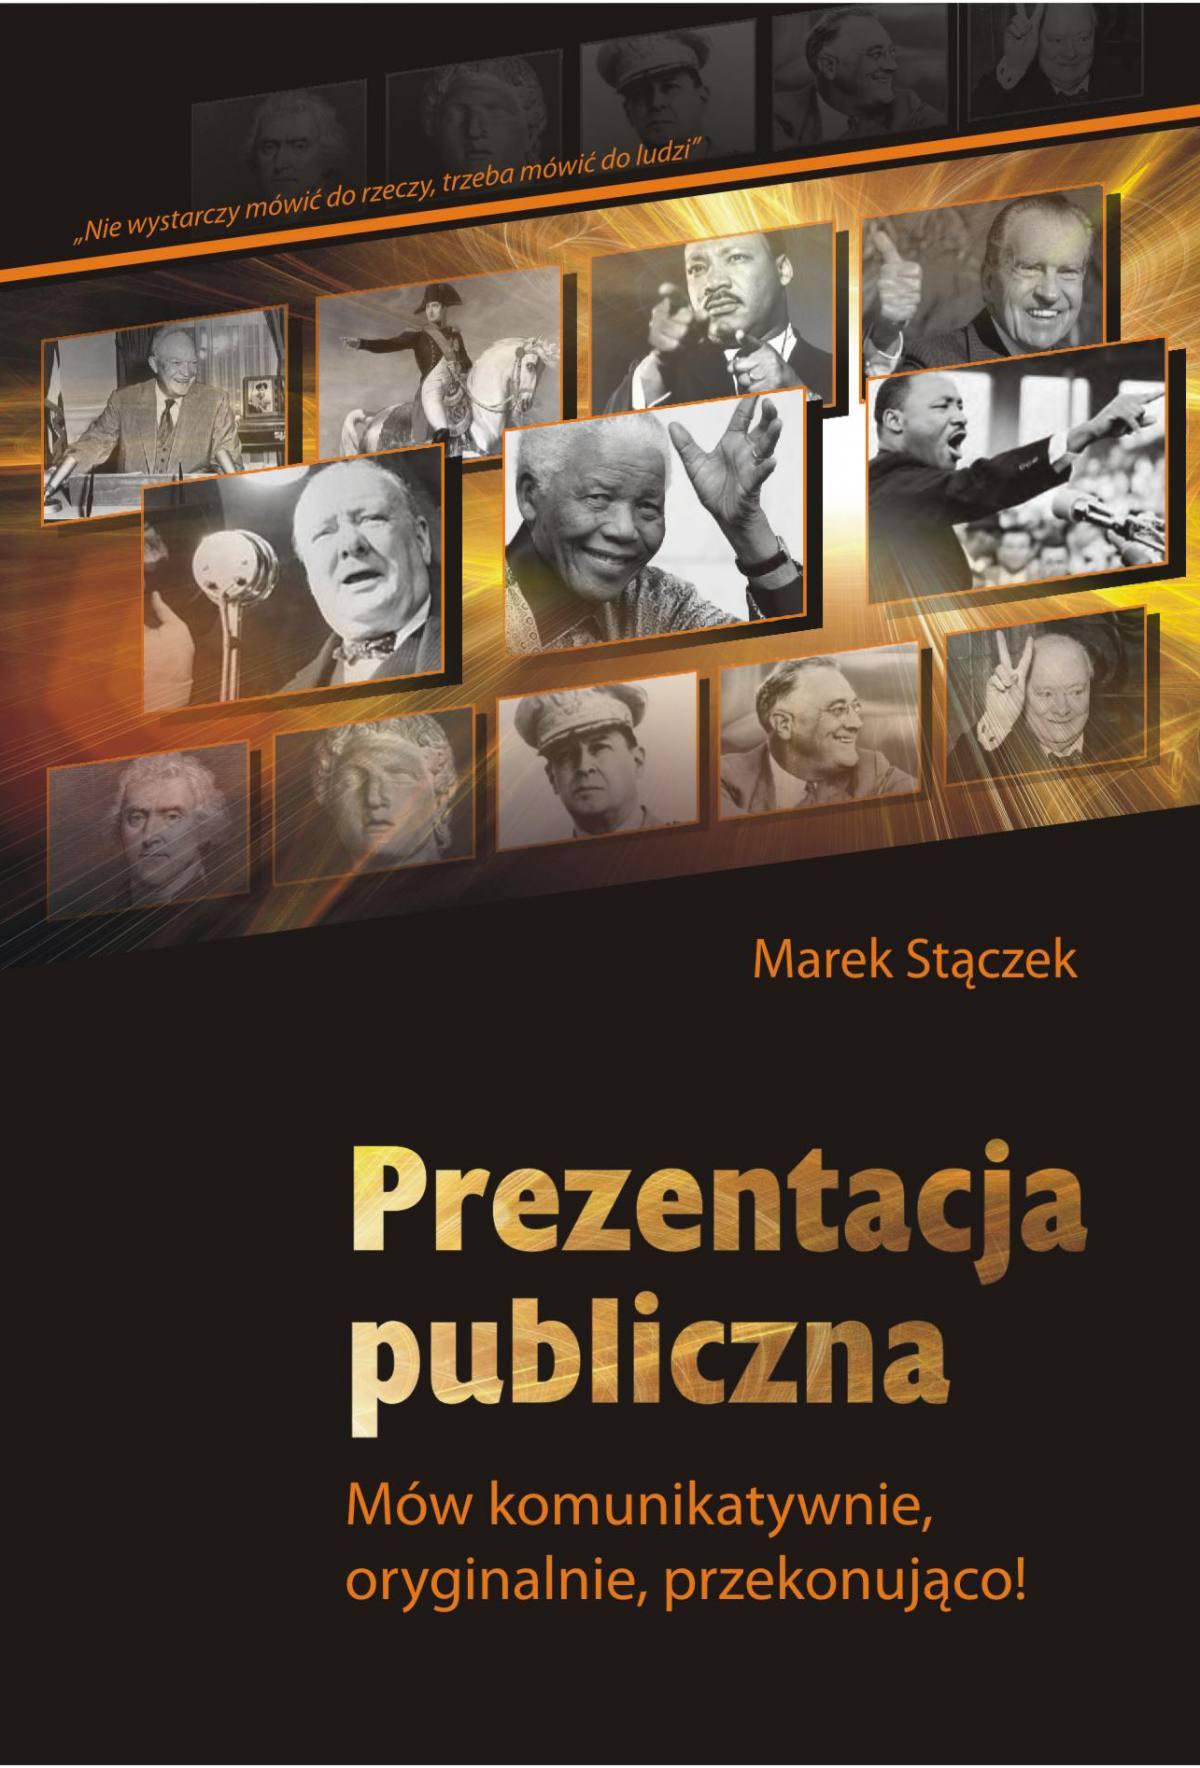 Prezentacja publiczna. Mów komunikatywnie, oryginalnie, przekonująco - Ebook (Książka PDF) do pobrania w formacie PDF